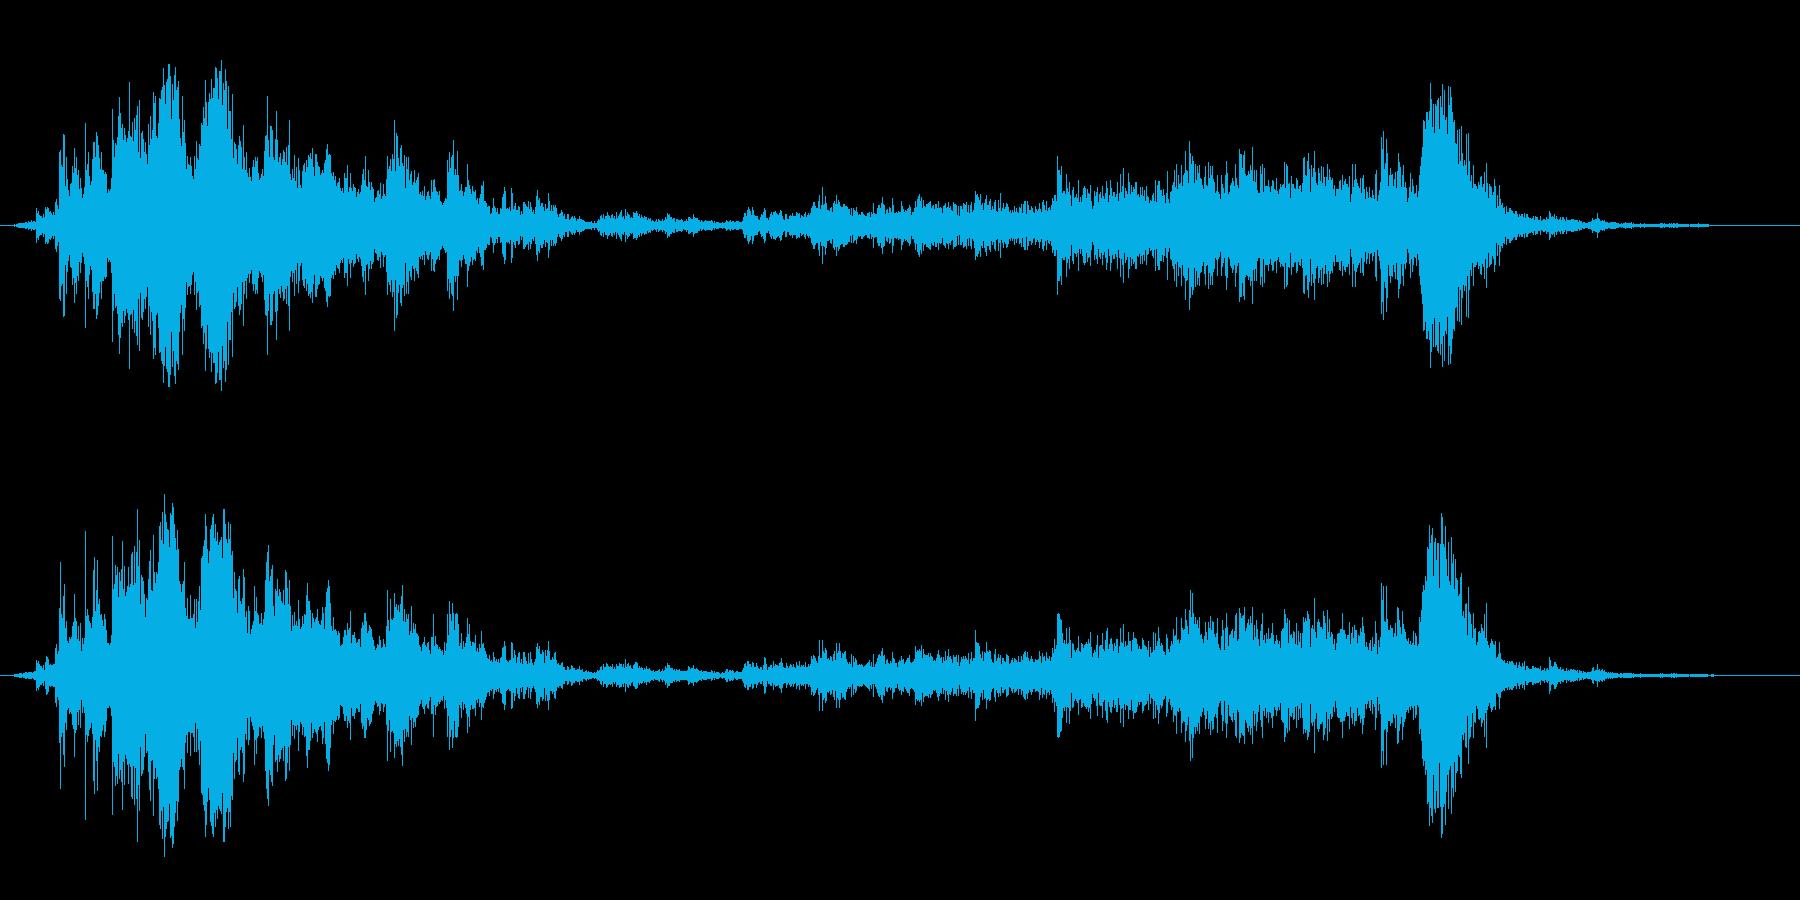 【生録音】ガラガラガラーガシャン(近め)の再生済みの波形